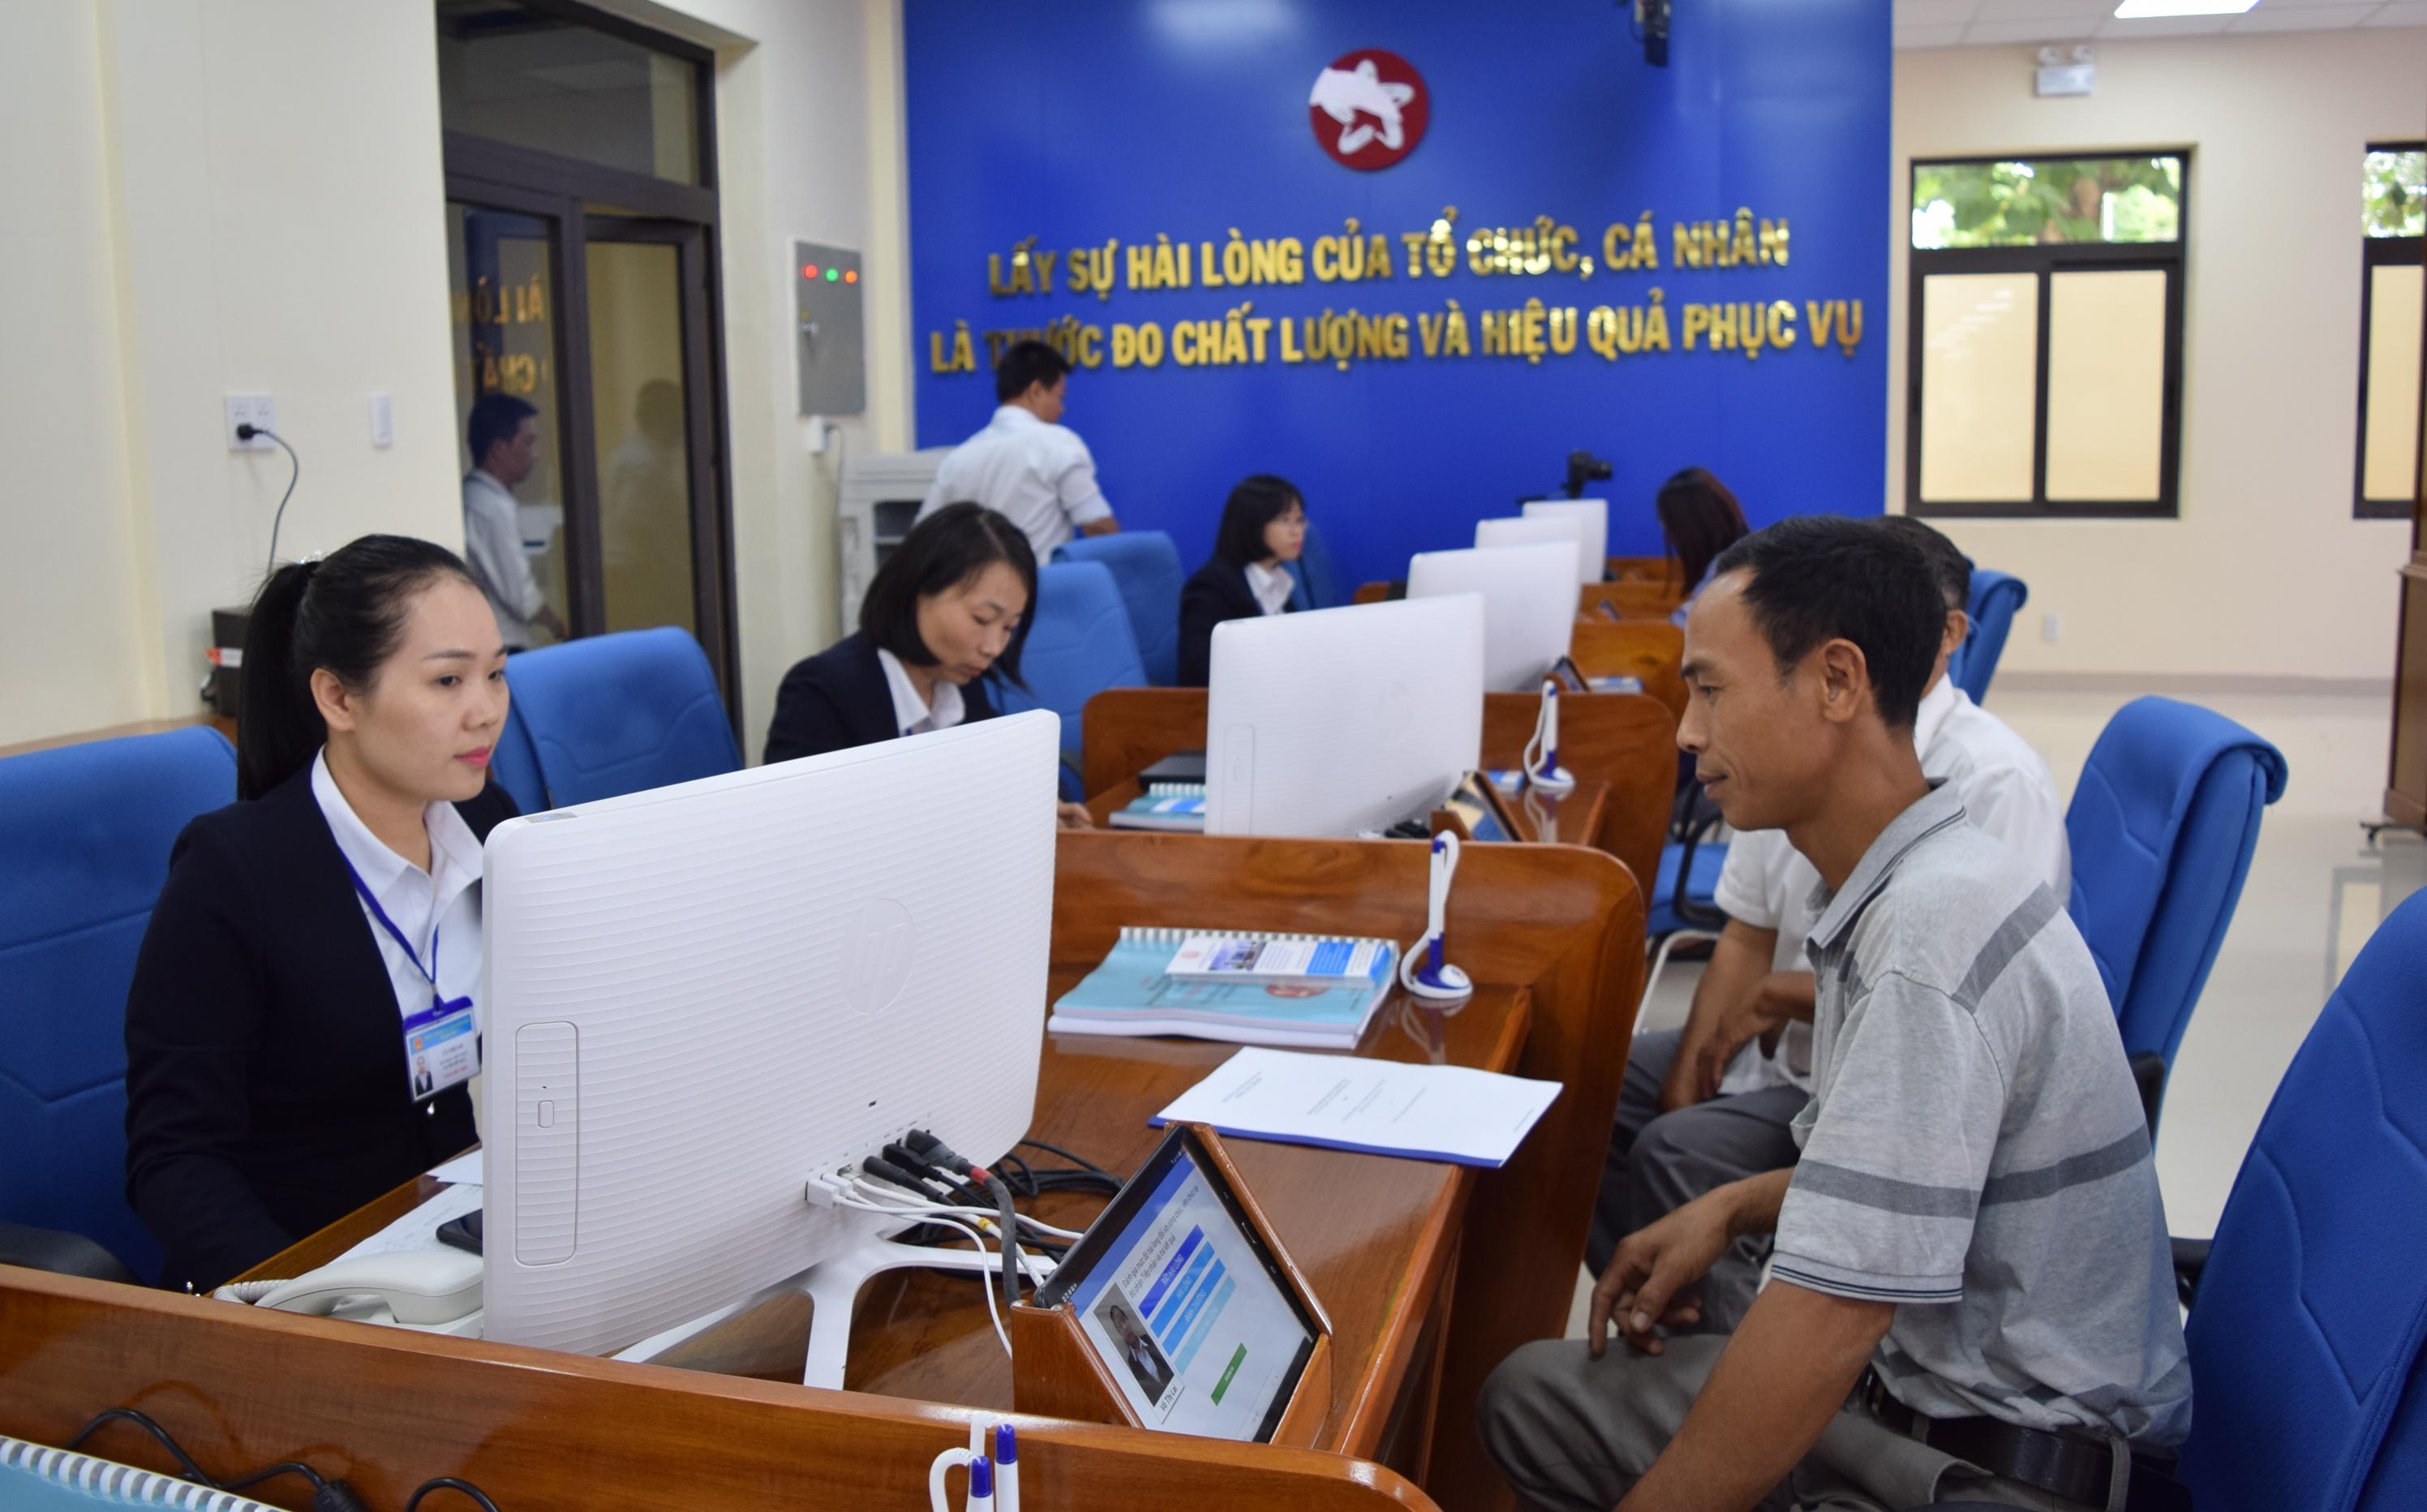 Quyết định về việc công bố Danh mục thủ tục hành chính thực hiện tiếp nhận và trả kết quả tại Trung tâm Phục vụ hành chính công tỉnh Đắk Lắk - Đợt 4